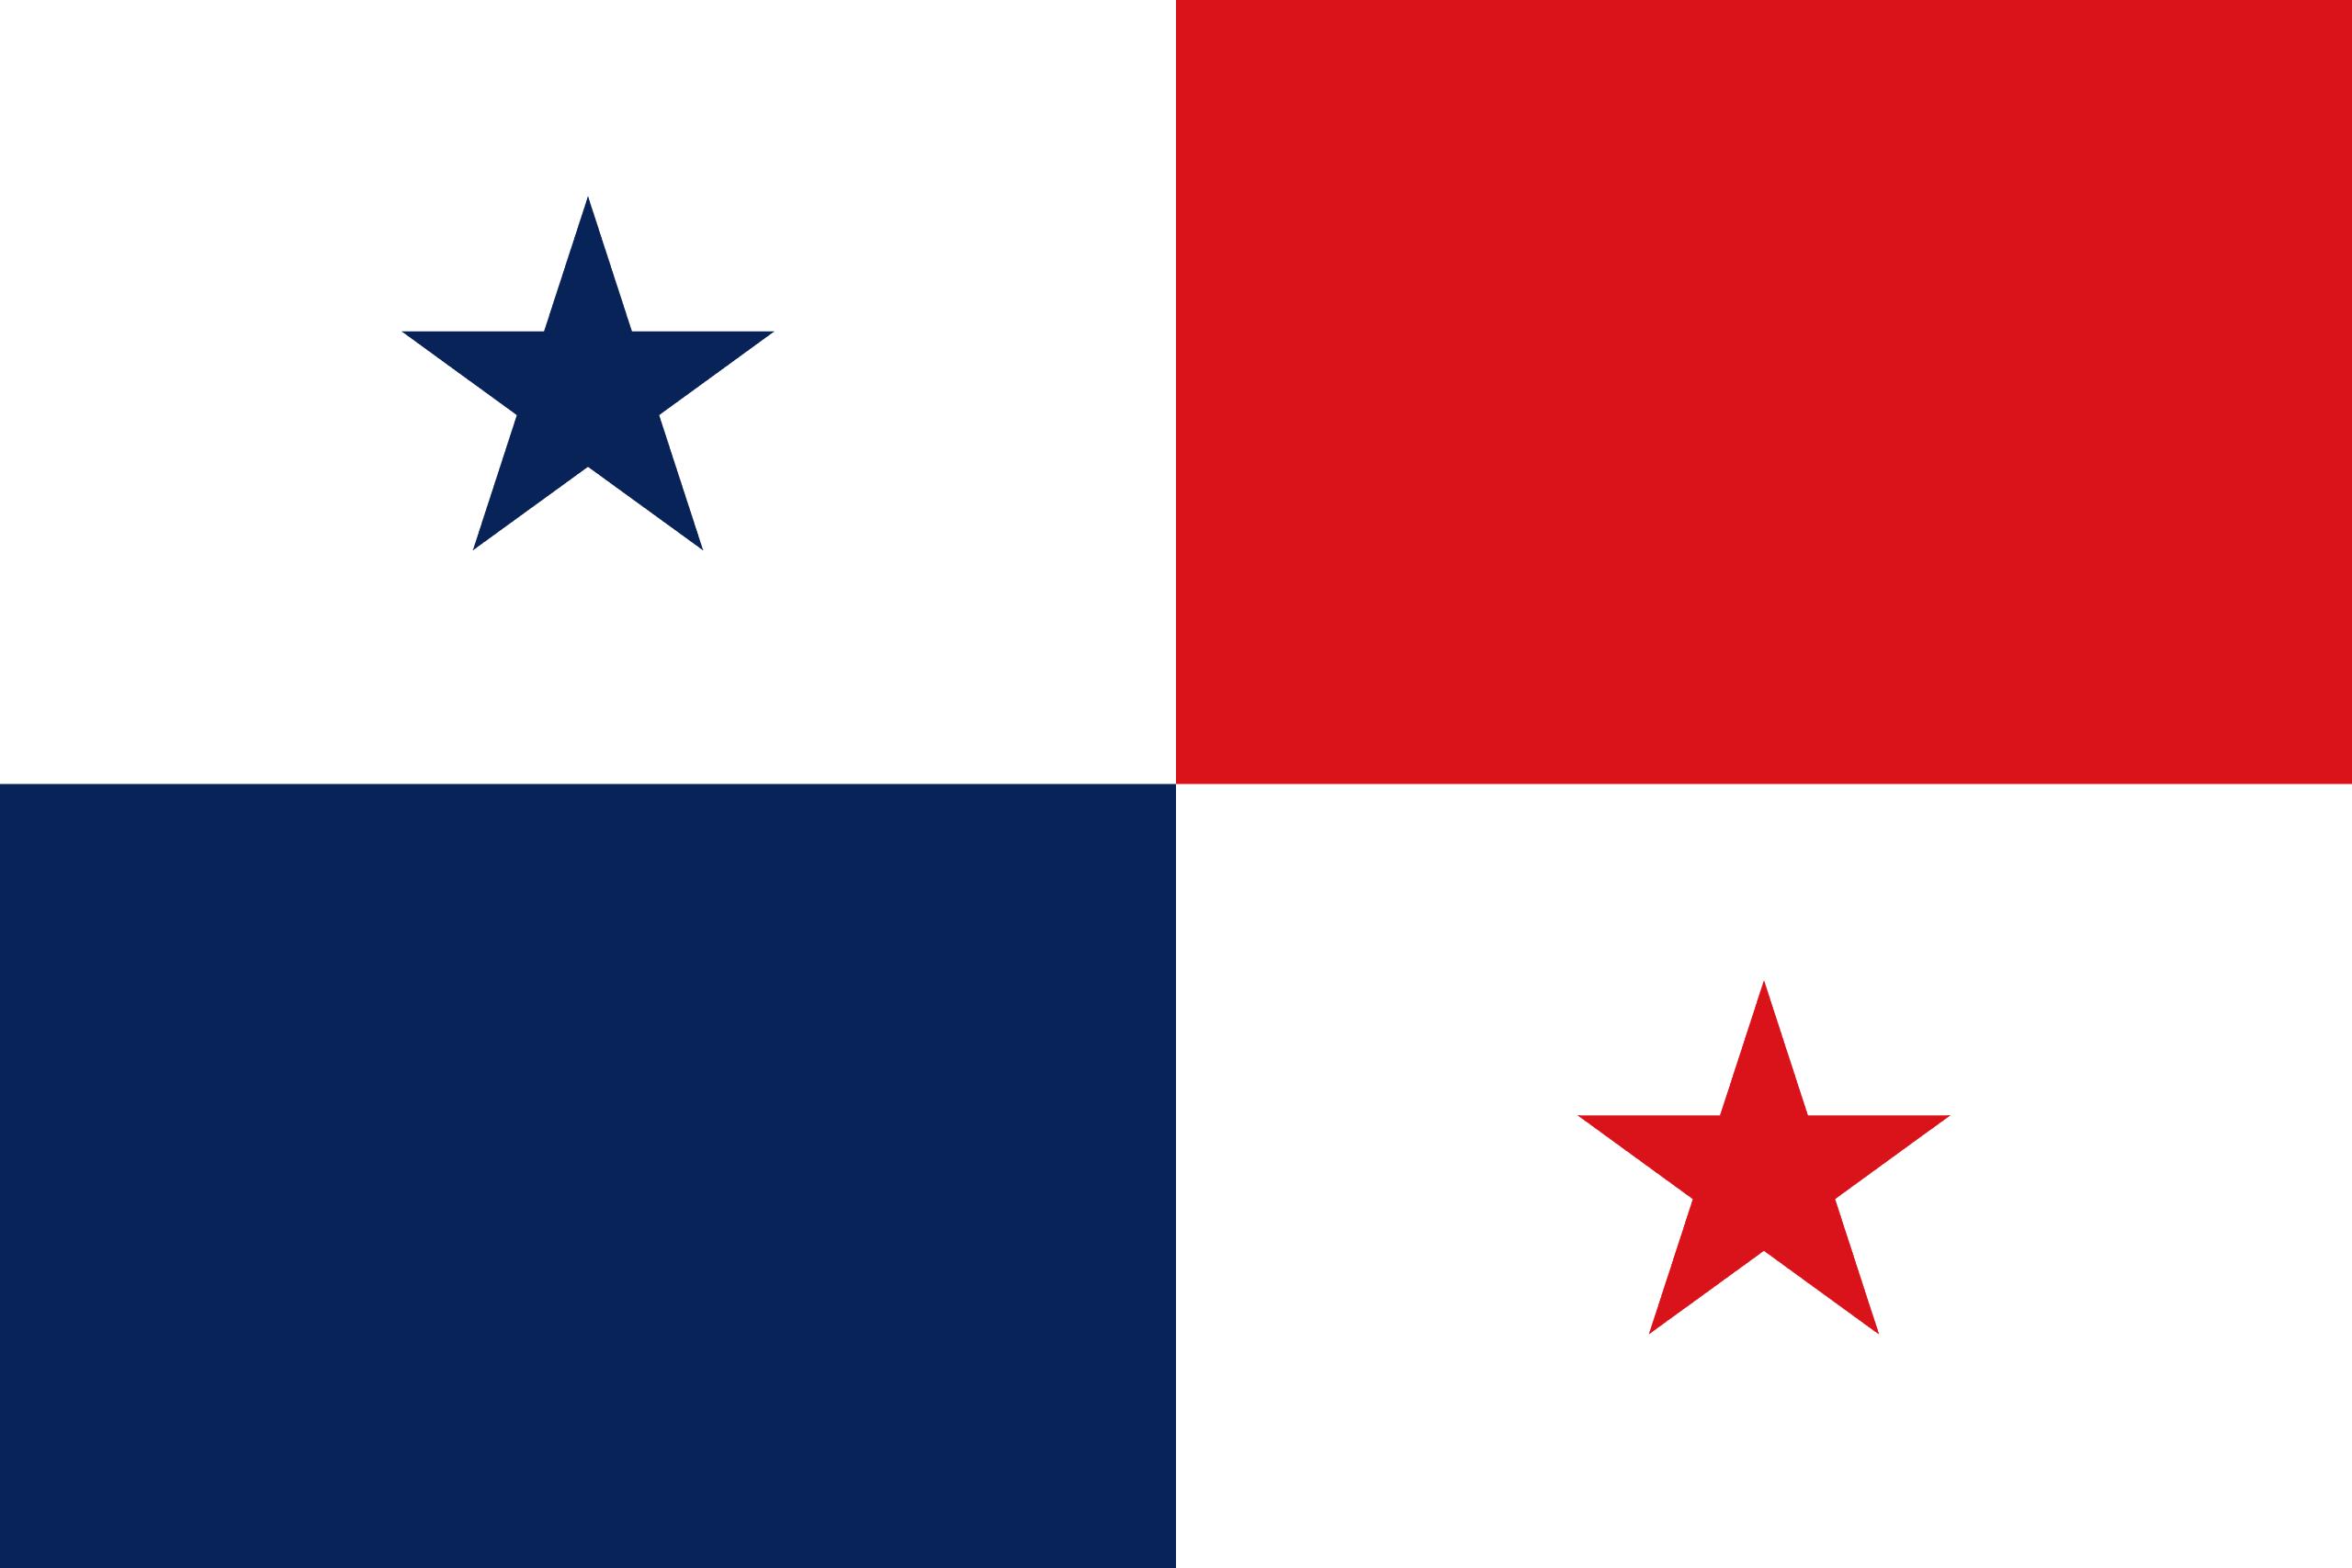 Panama'nın Başkenti ve Para Birimi Nedir? Panama'nın Bayrağı Nasıldır?